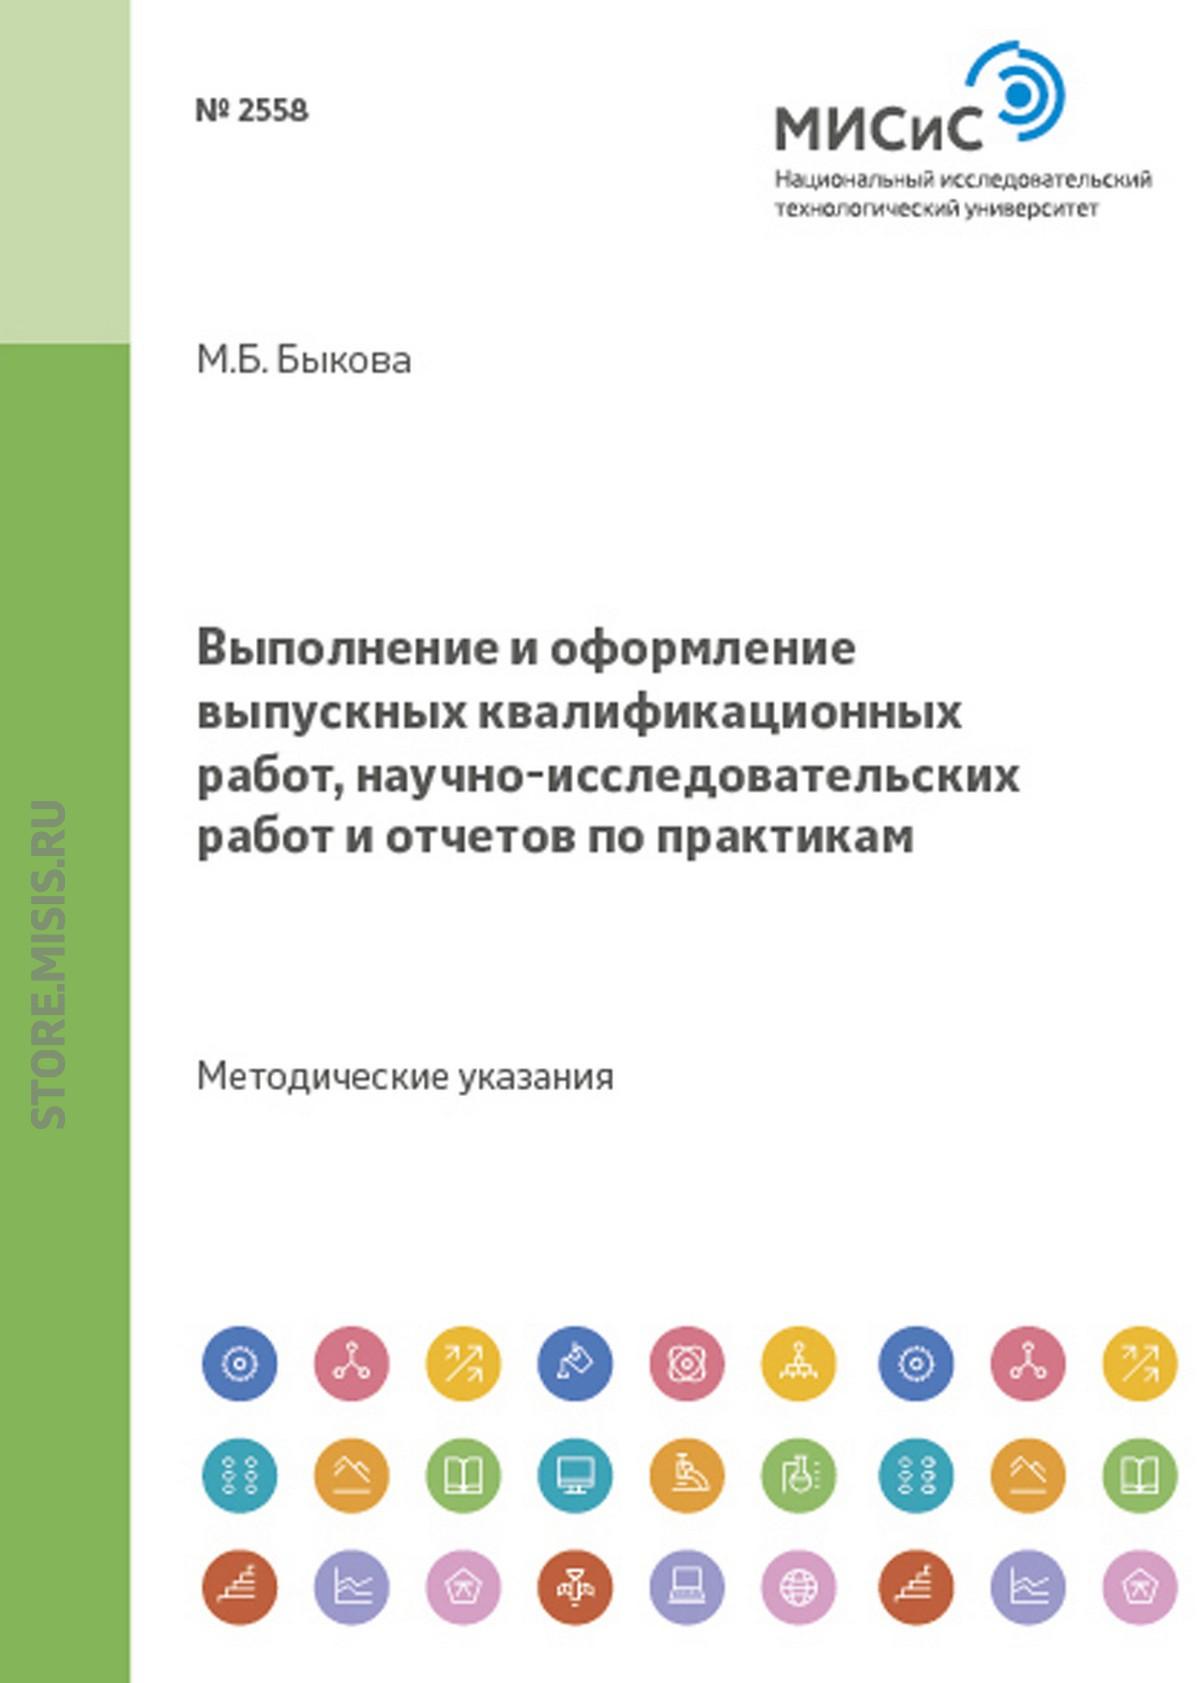 Нина Козлова Выполнение и оформление выпускных квалификационных работ, научно-исследовательских работ и отчетов по практикам